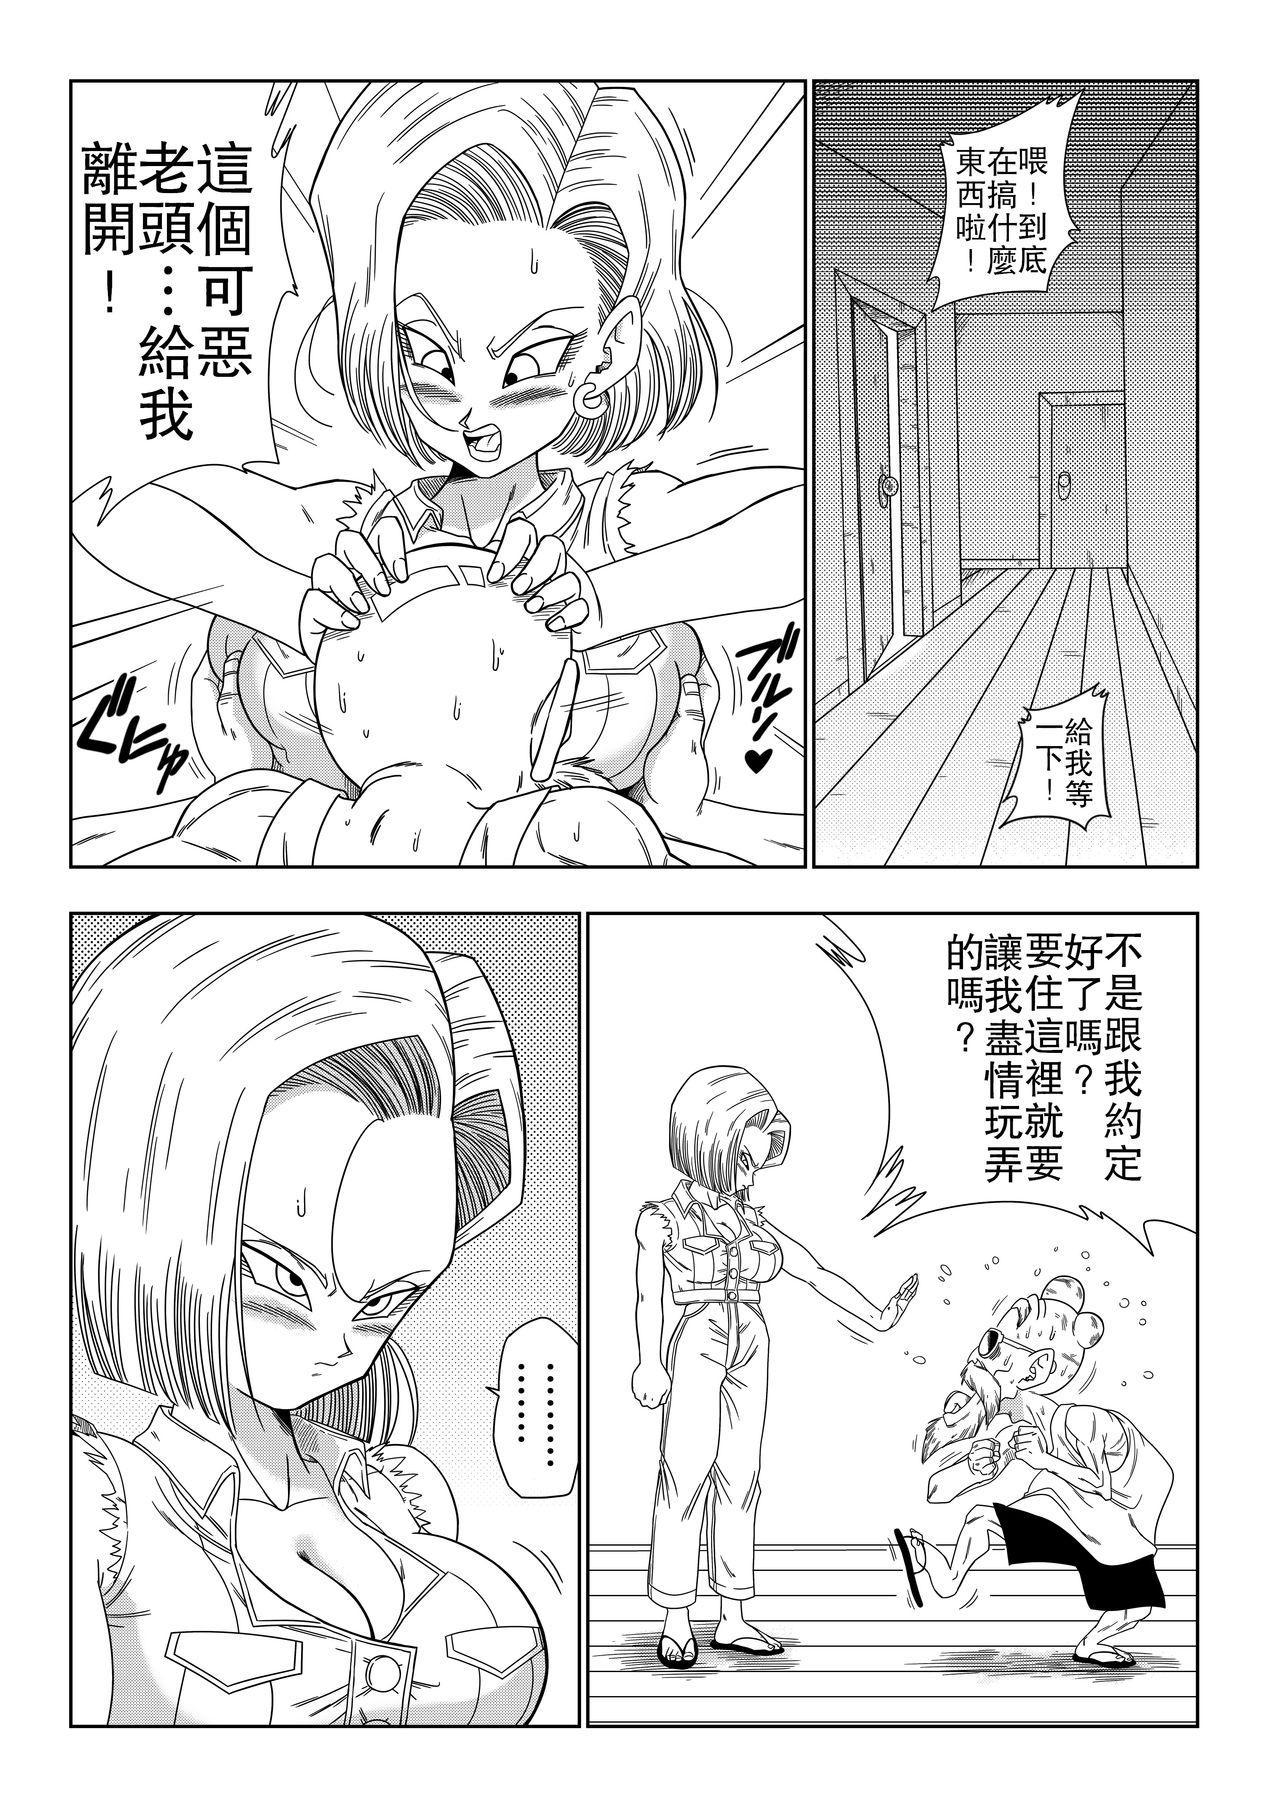 18-gou vs Kame Sennin 4